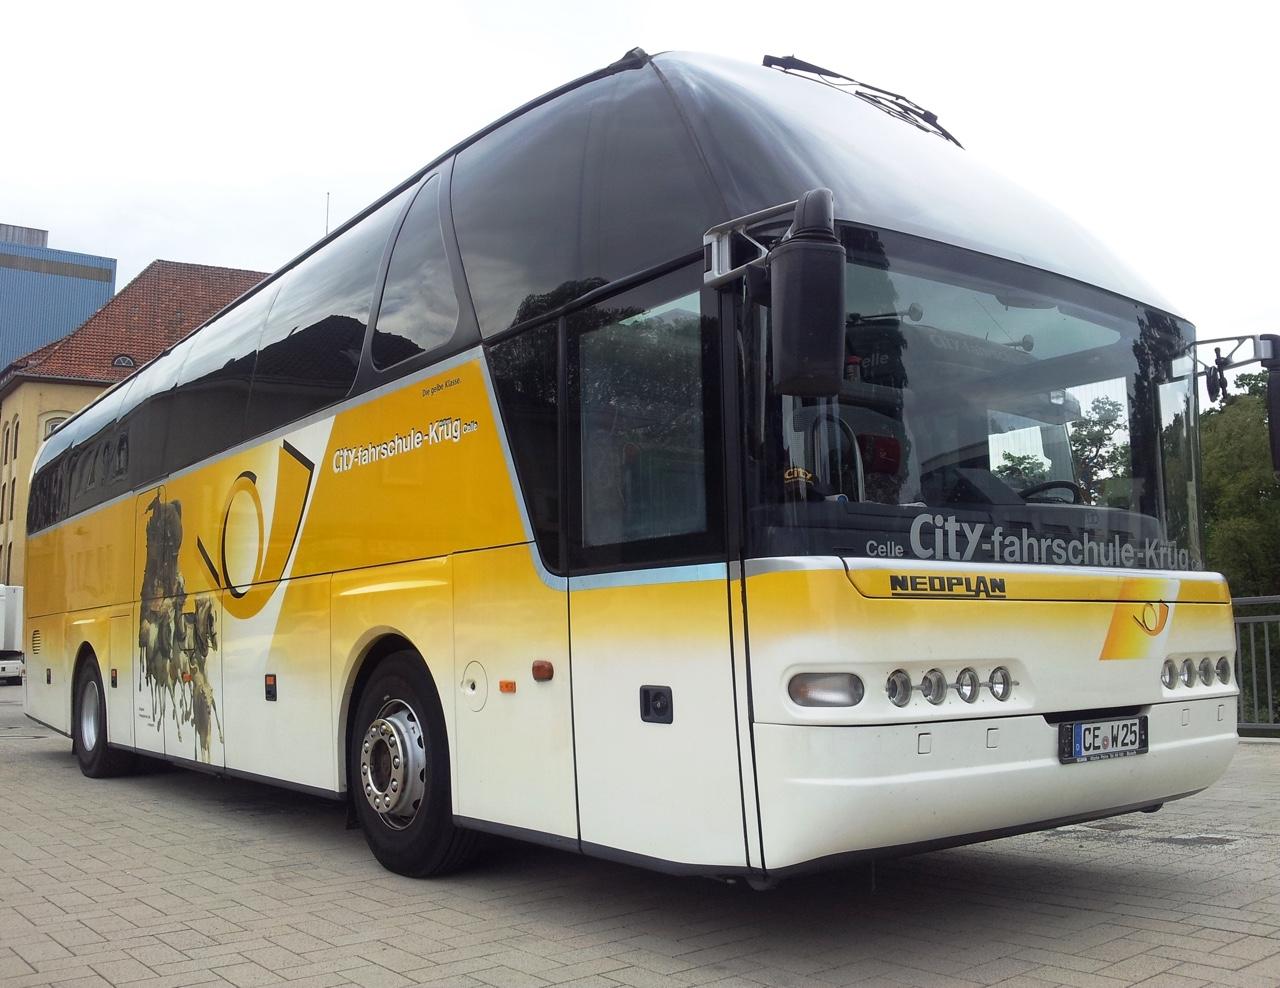 Bus - City-Fahrschule-Krug Celle